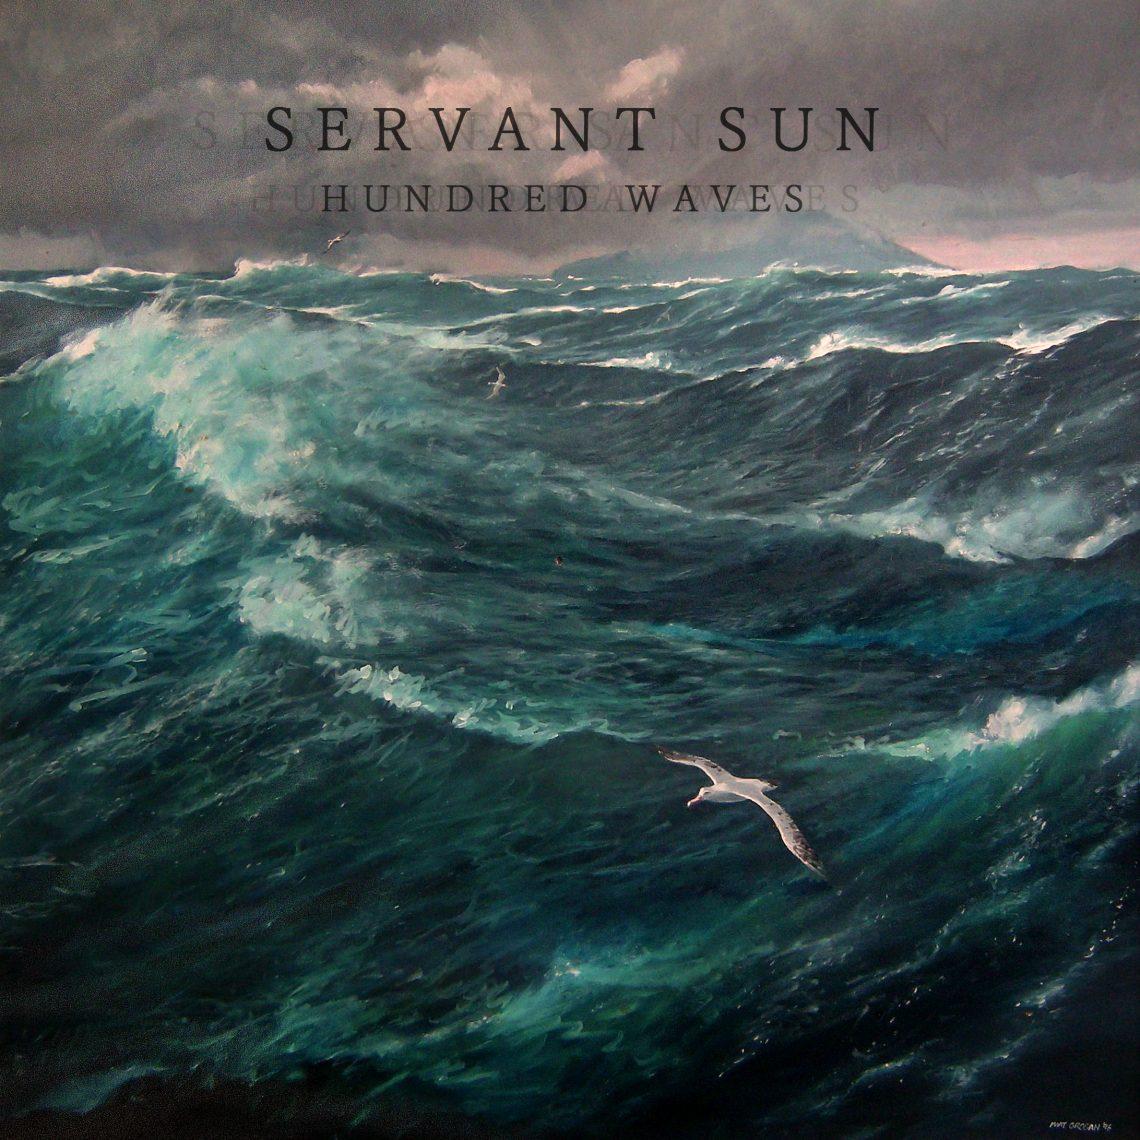 Servant Sun – Hundred Waves – CD Review